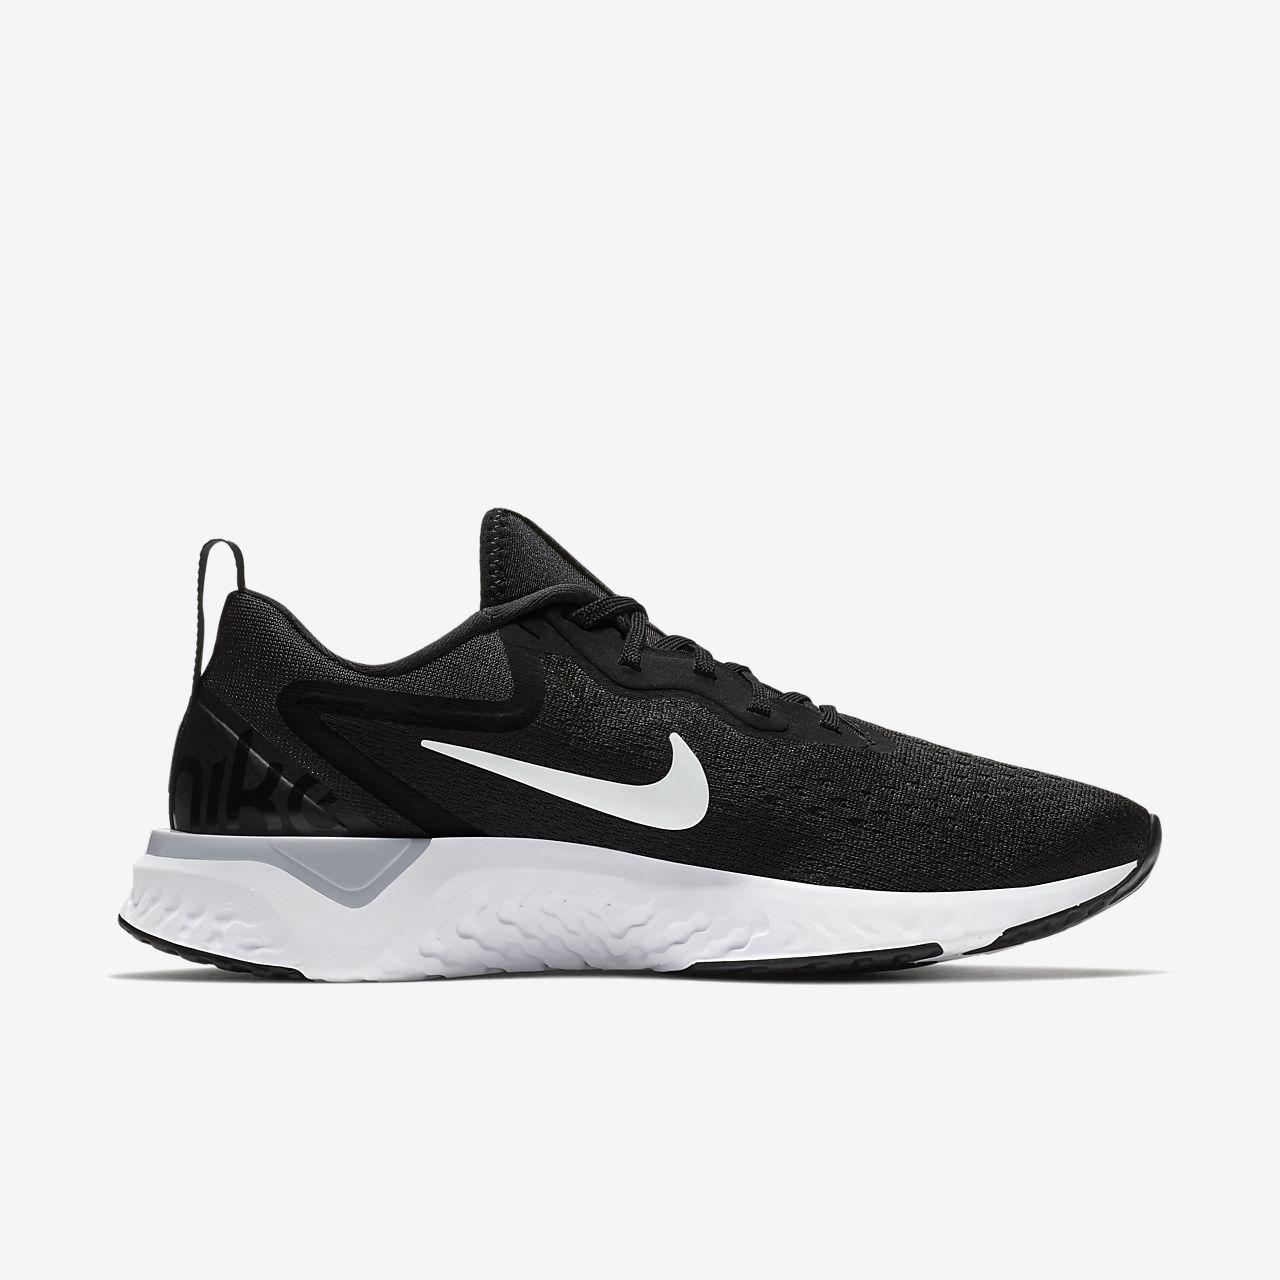 Odysse Nike Chaussures Réagissent Course 1zFjc3HiSH